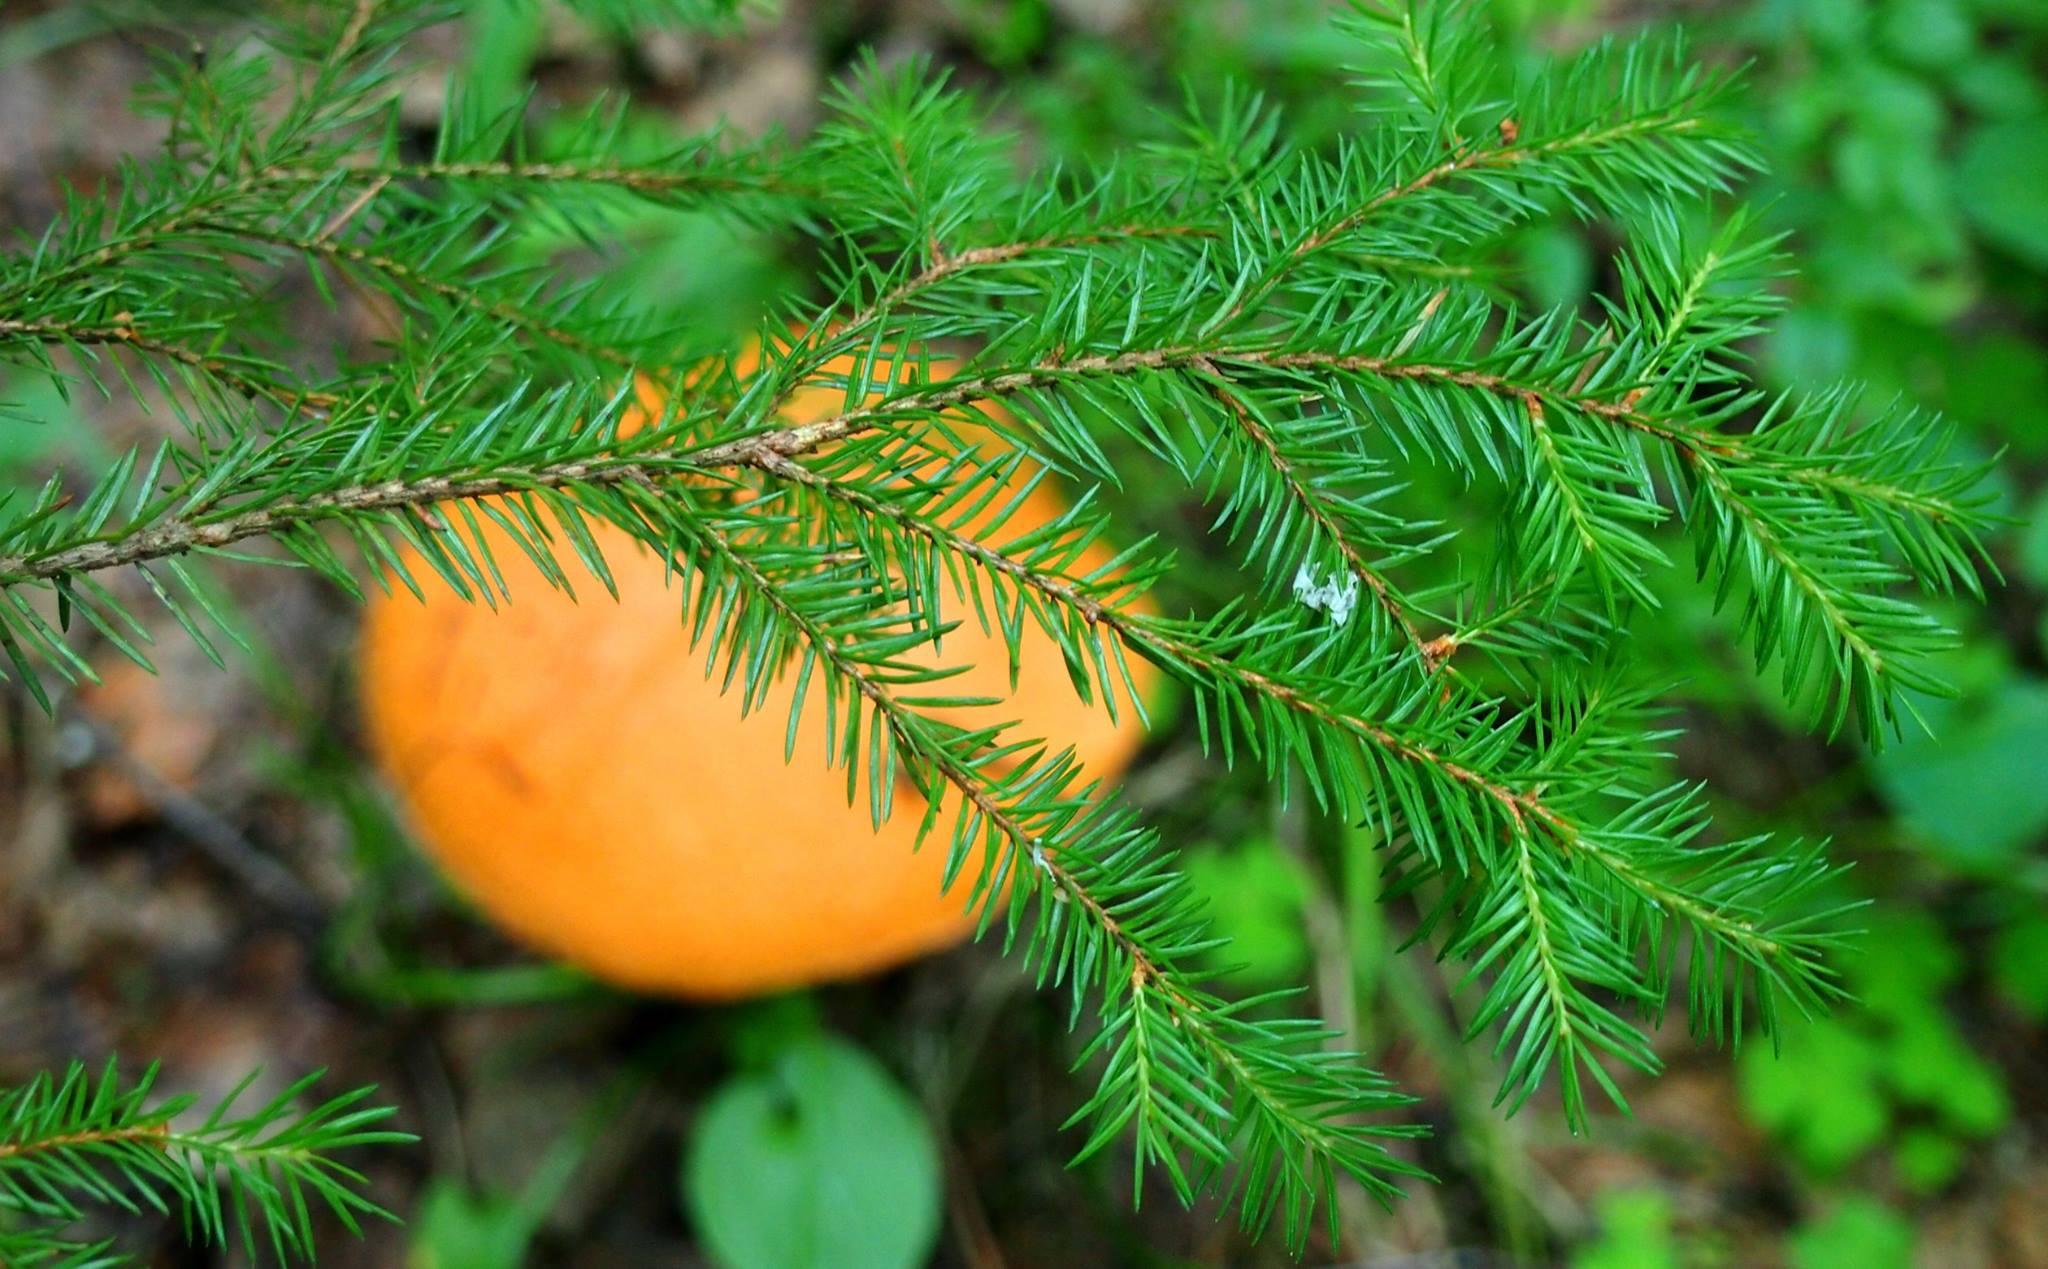 Сбор грибов и ягод стал для многих жителей лесных поселков Карелии единственной возможностью прокормить свои семьи. Фото: Валерий Поташов